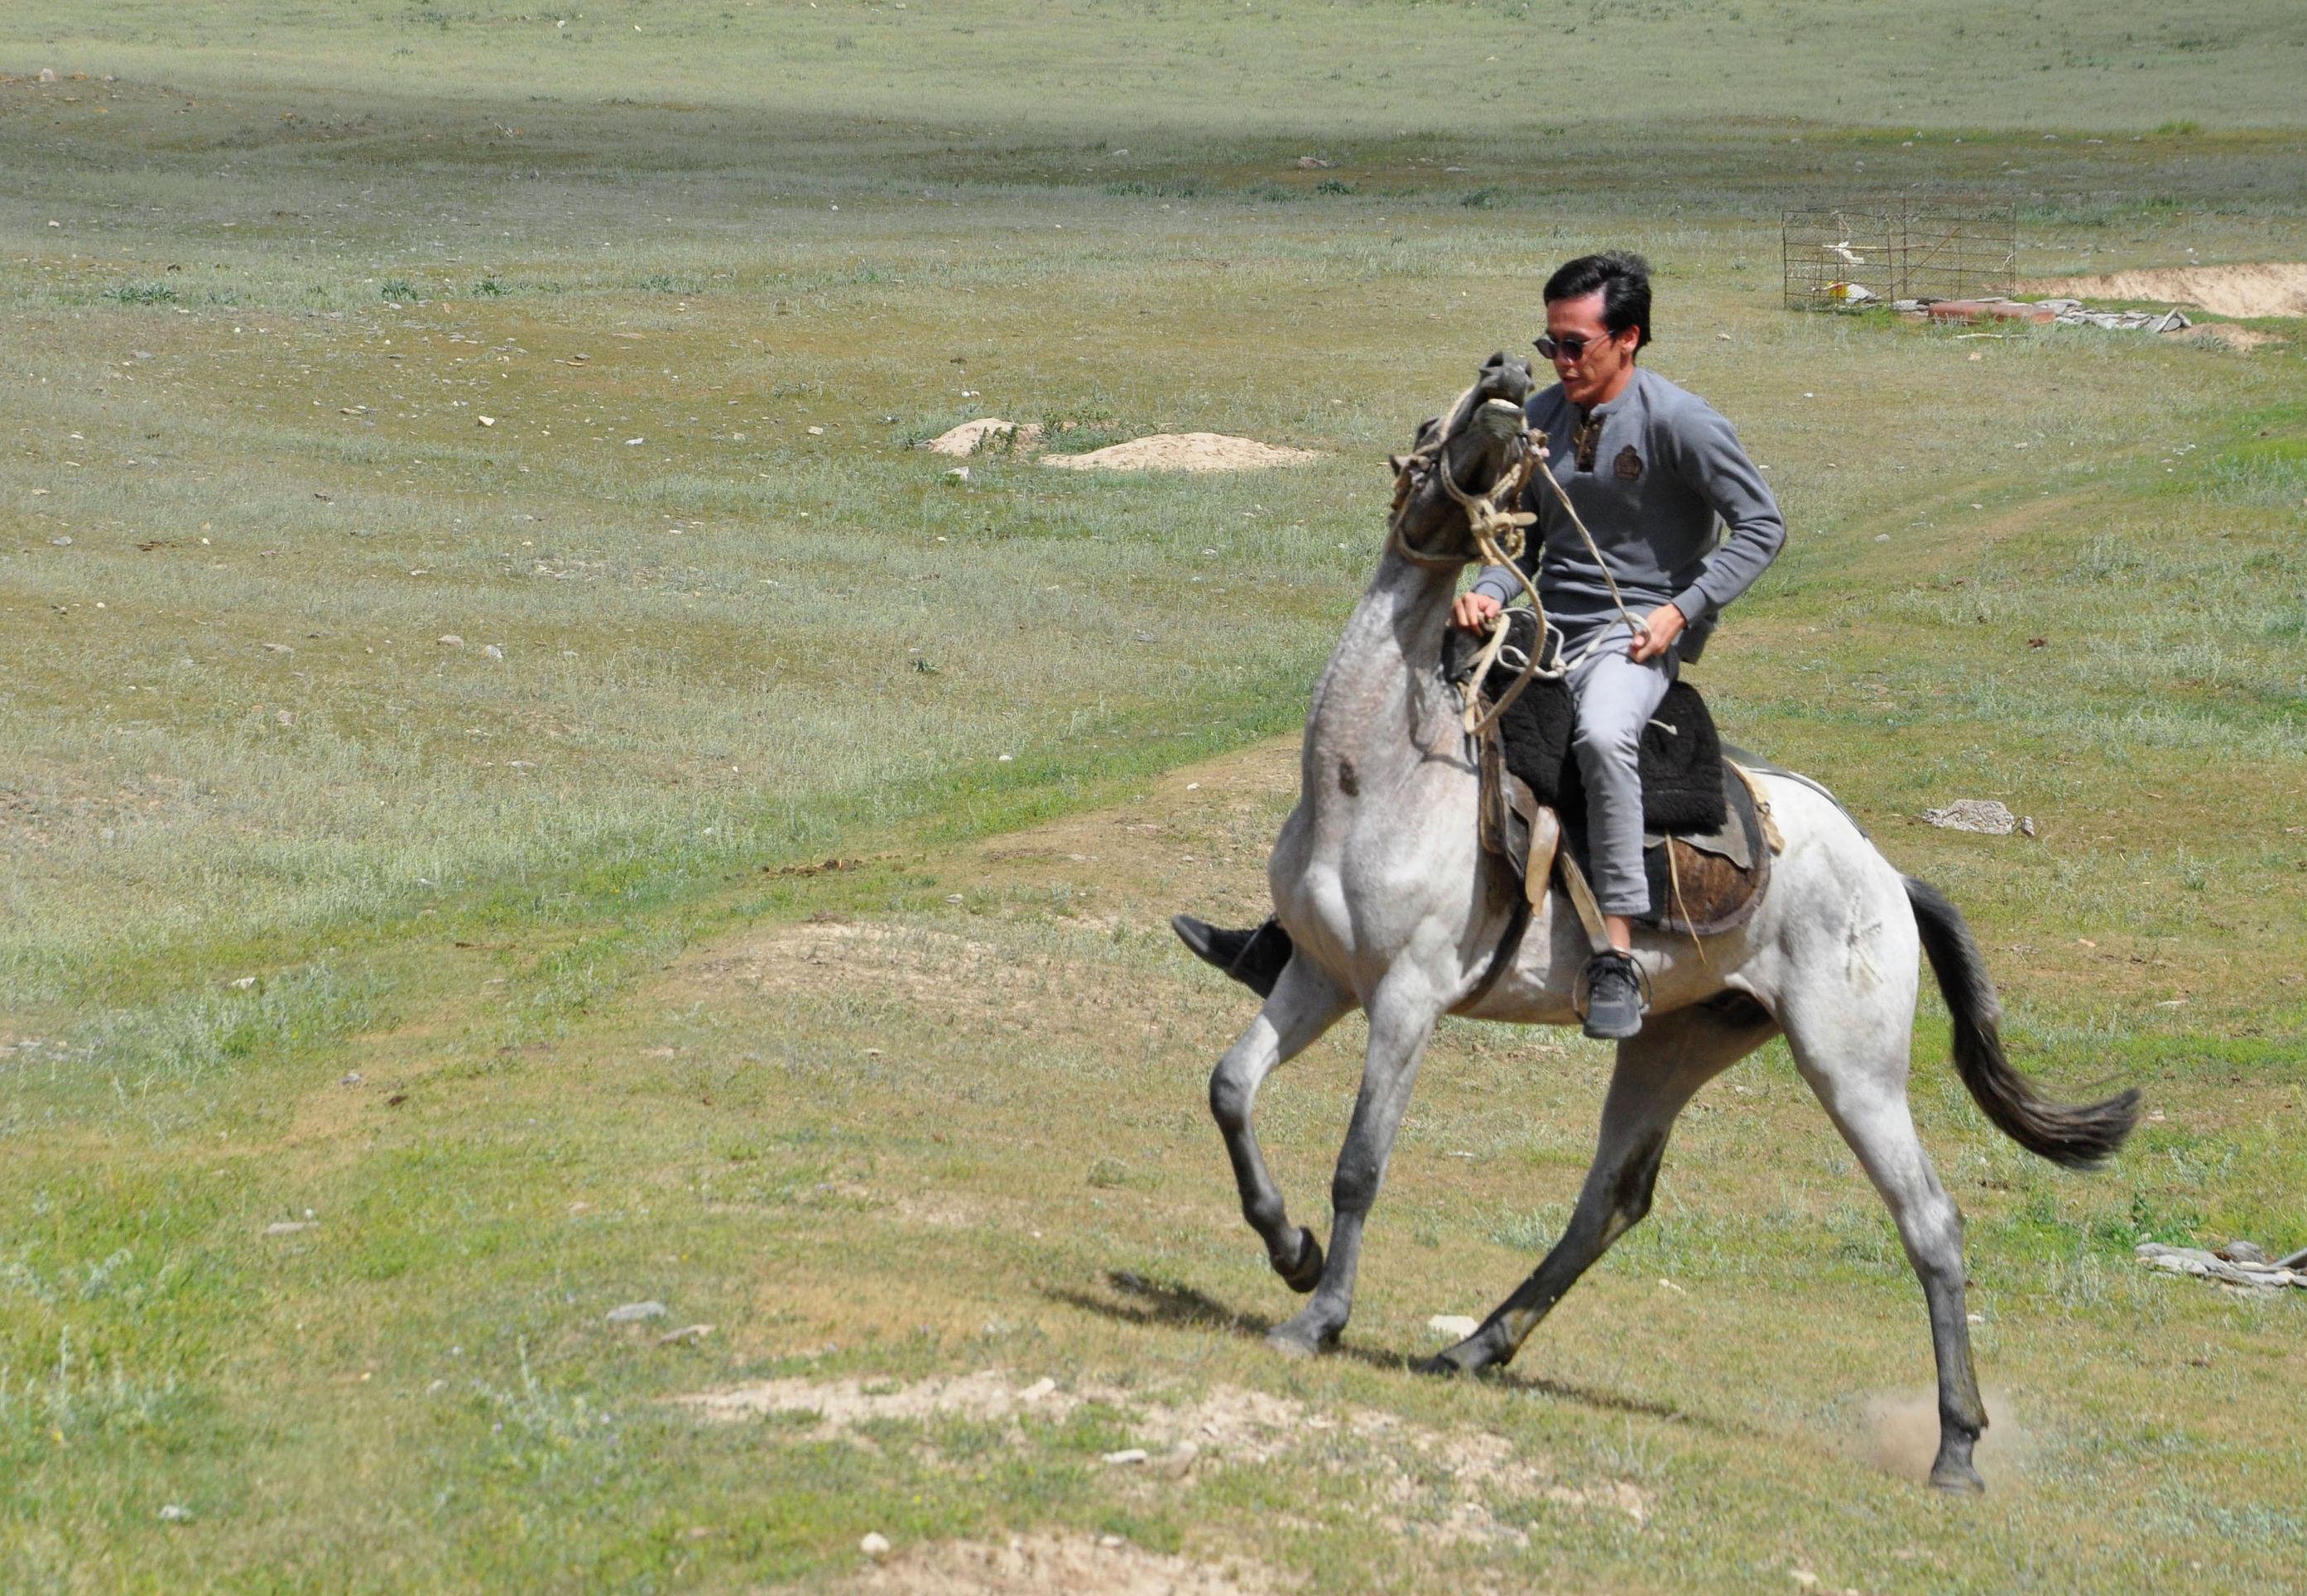 Обучающийся в докторантуре в Саудовской Аравии Доолос Айбек уулу катается на коне